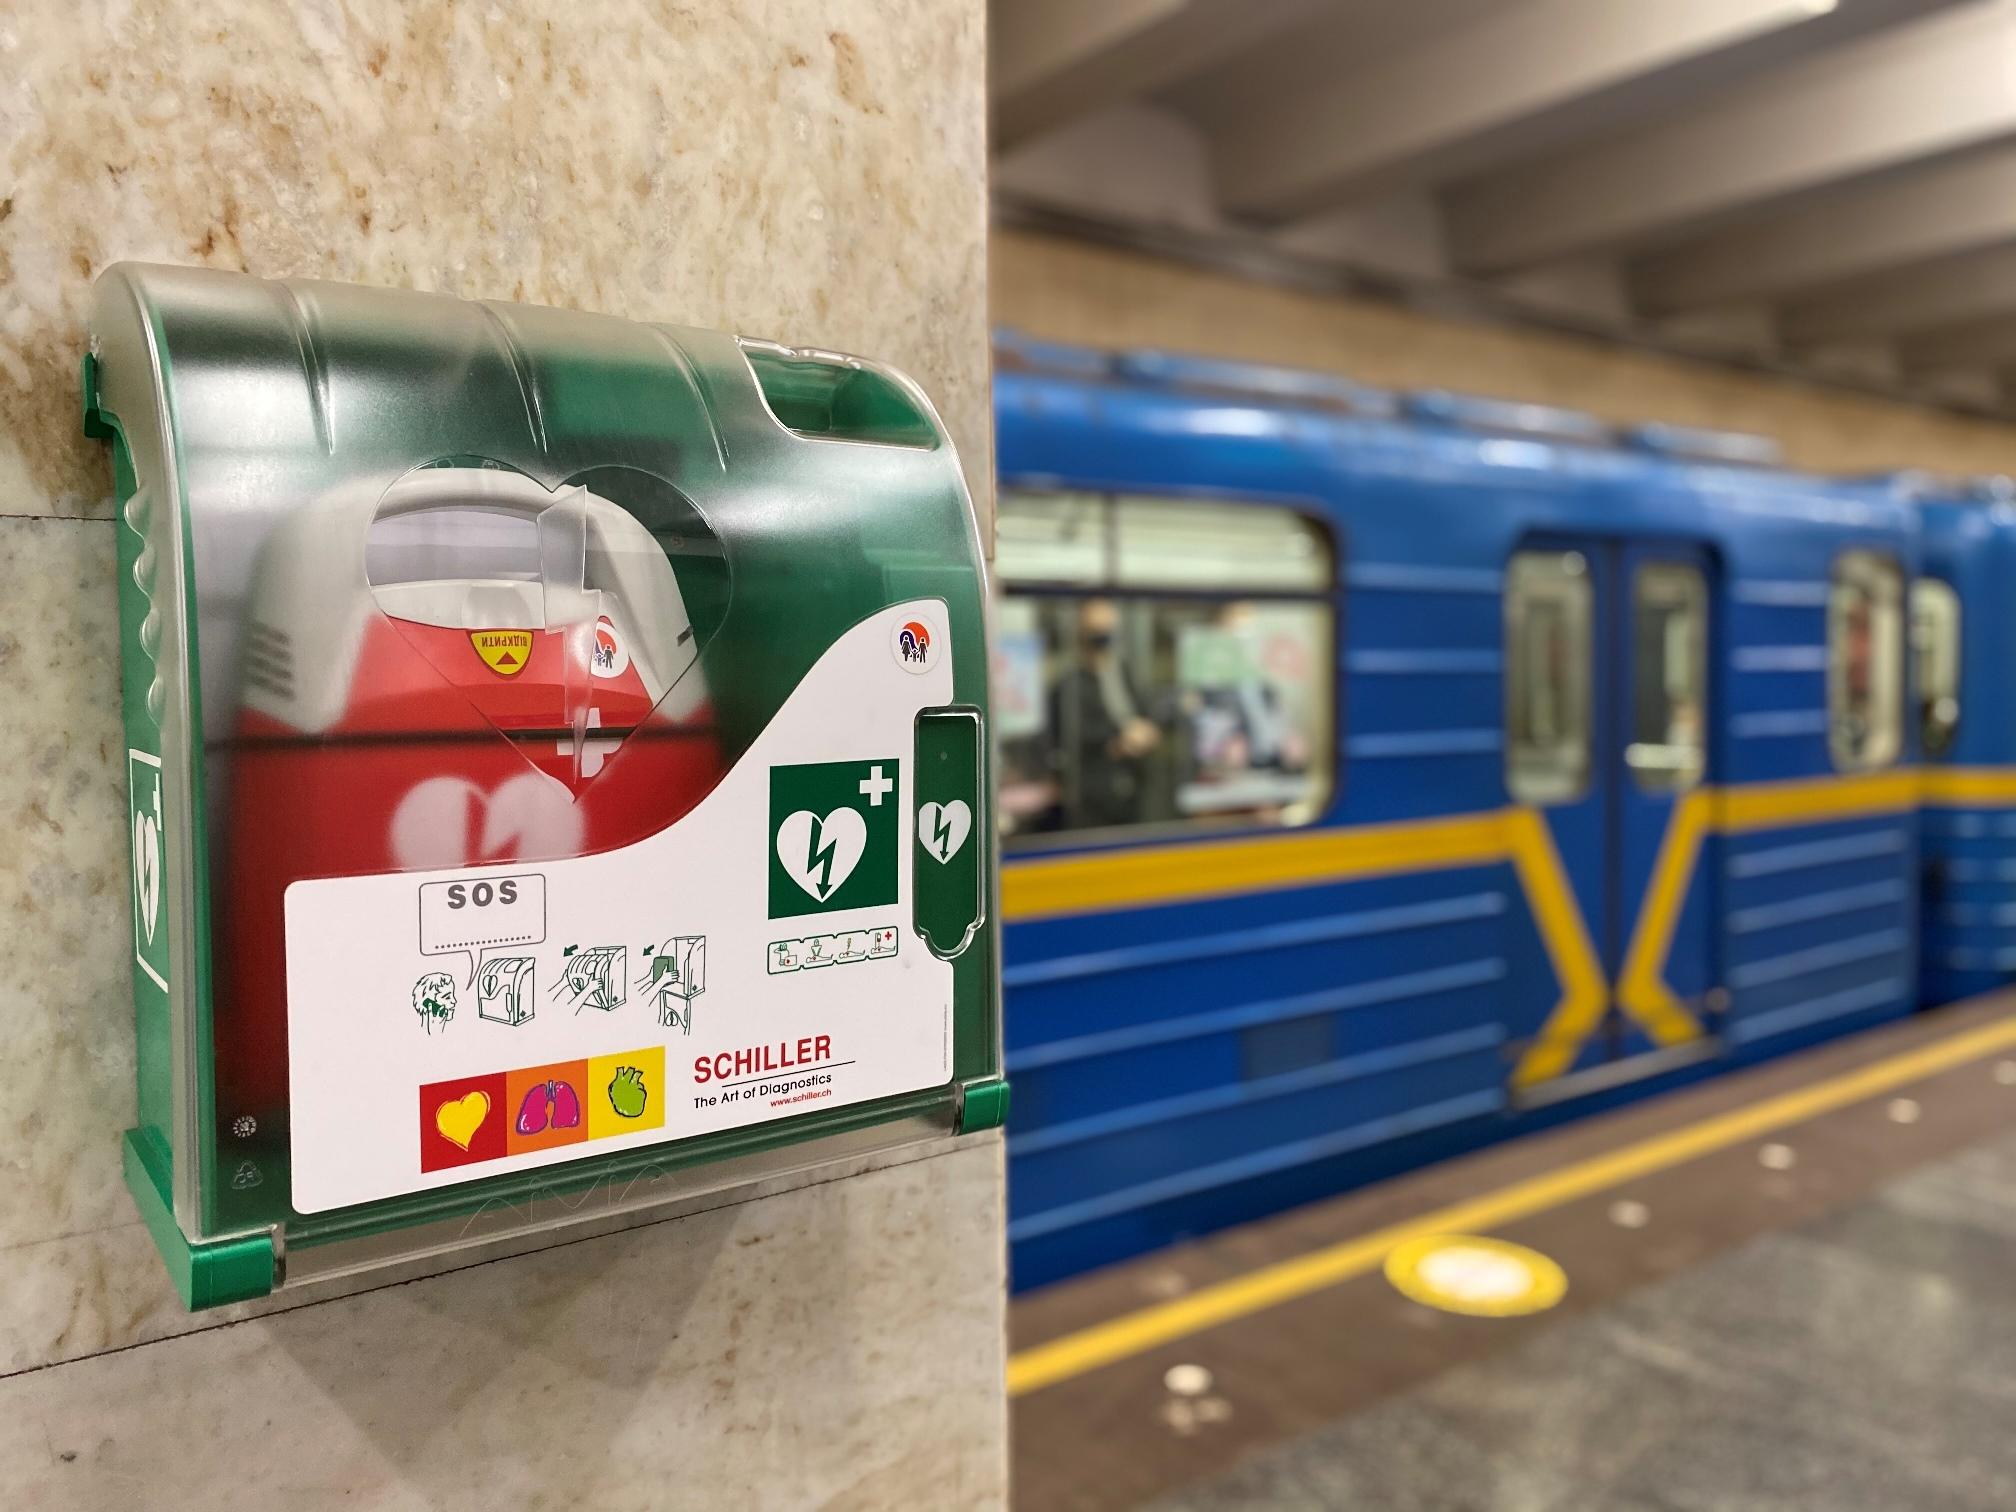 Донедавна дефібрилятори розташовувалися у приміщеннях кас та кімнатах поліції / фото metro.kiev.ua